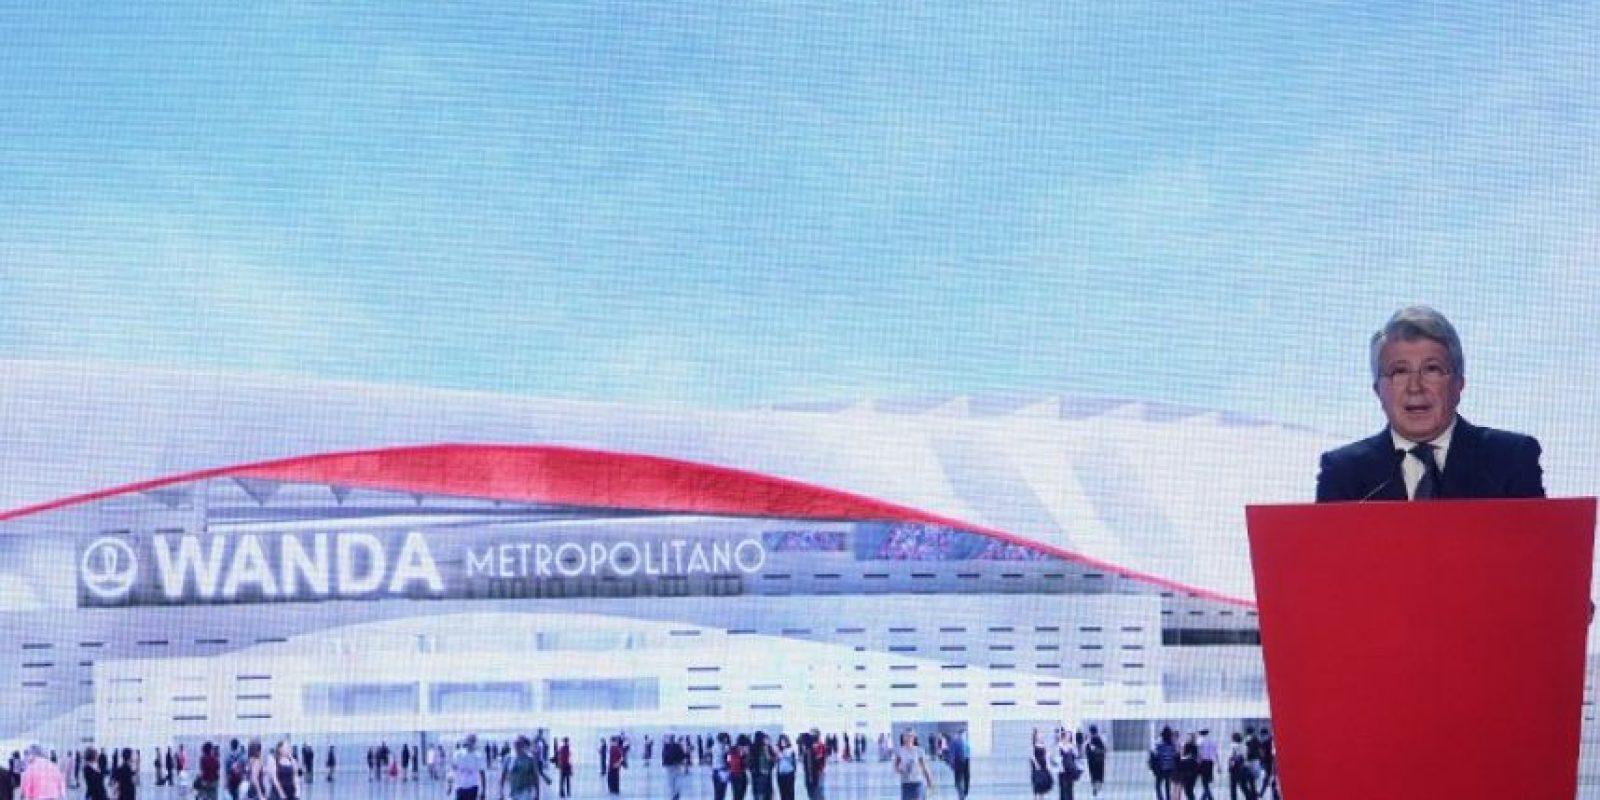 El nuevo estadio del Atlético de Madrid llevará por nombre Wanda Metropolitano. Foto:AFP